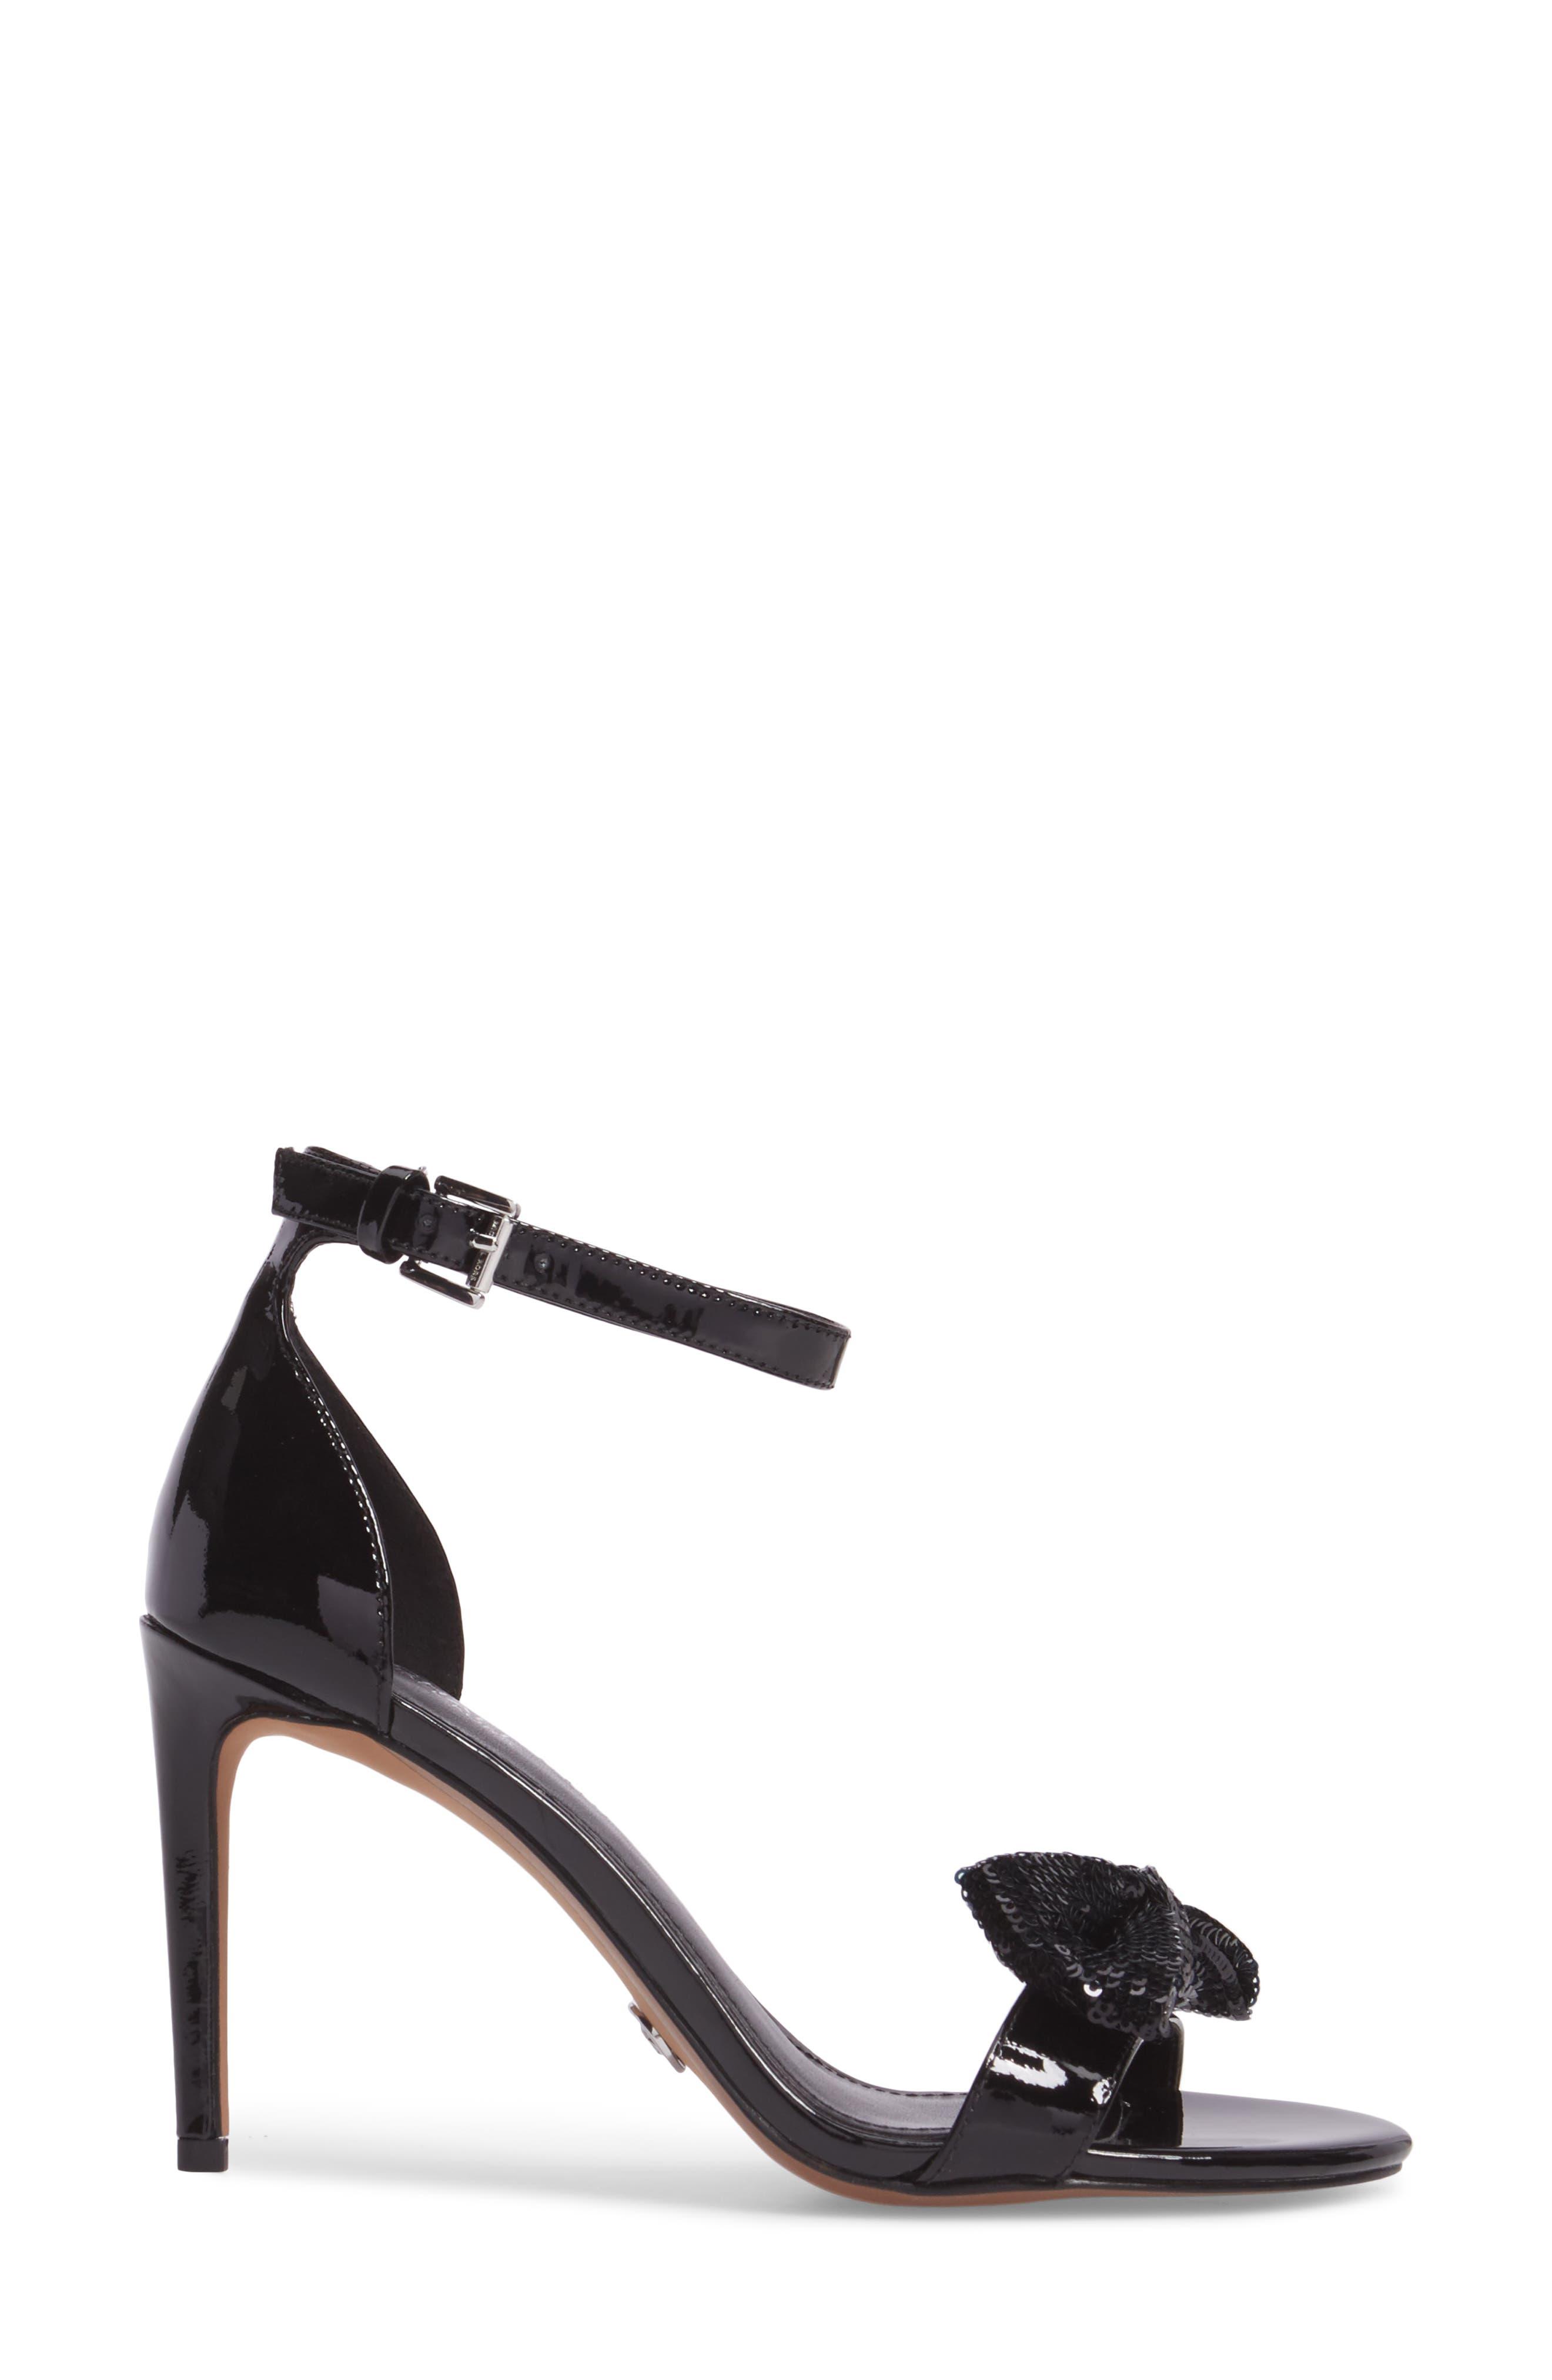 Paris Sequin Bow Sandal,                             Alternate thumbnail 3, color,                             001